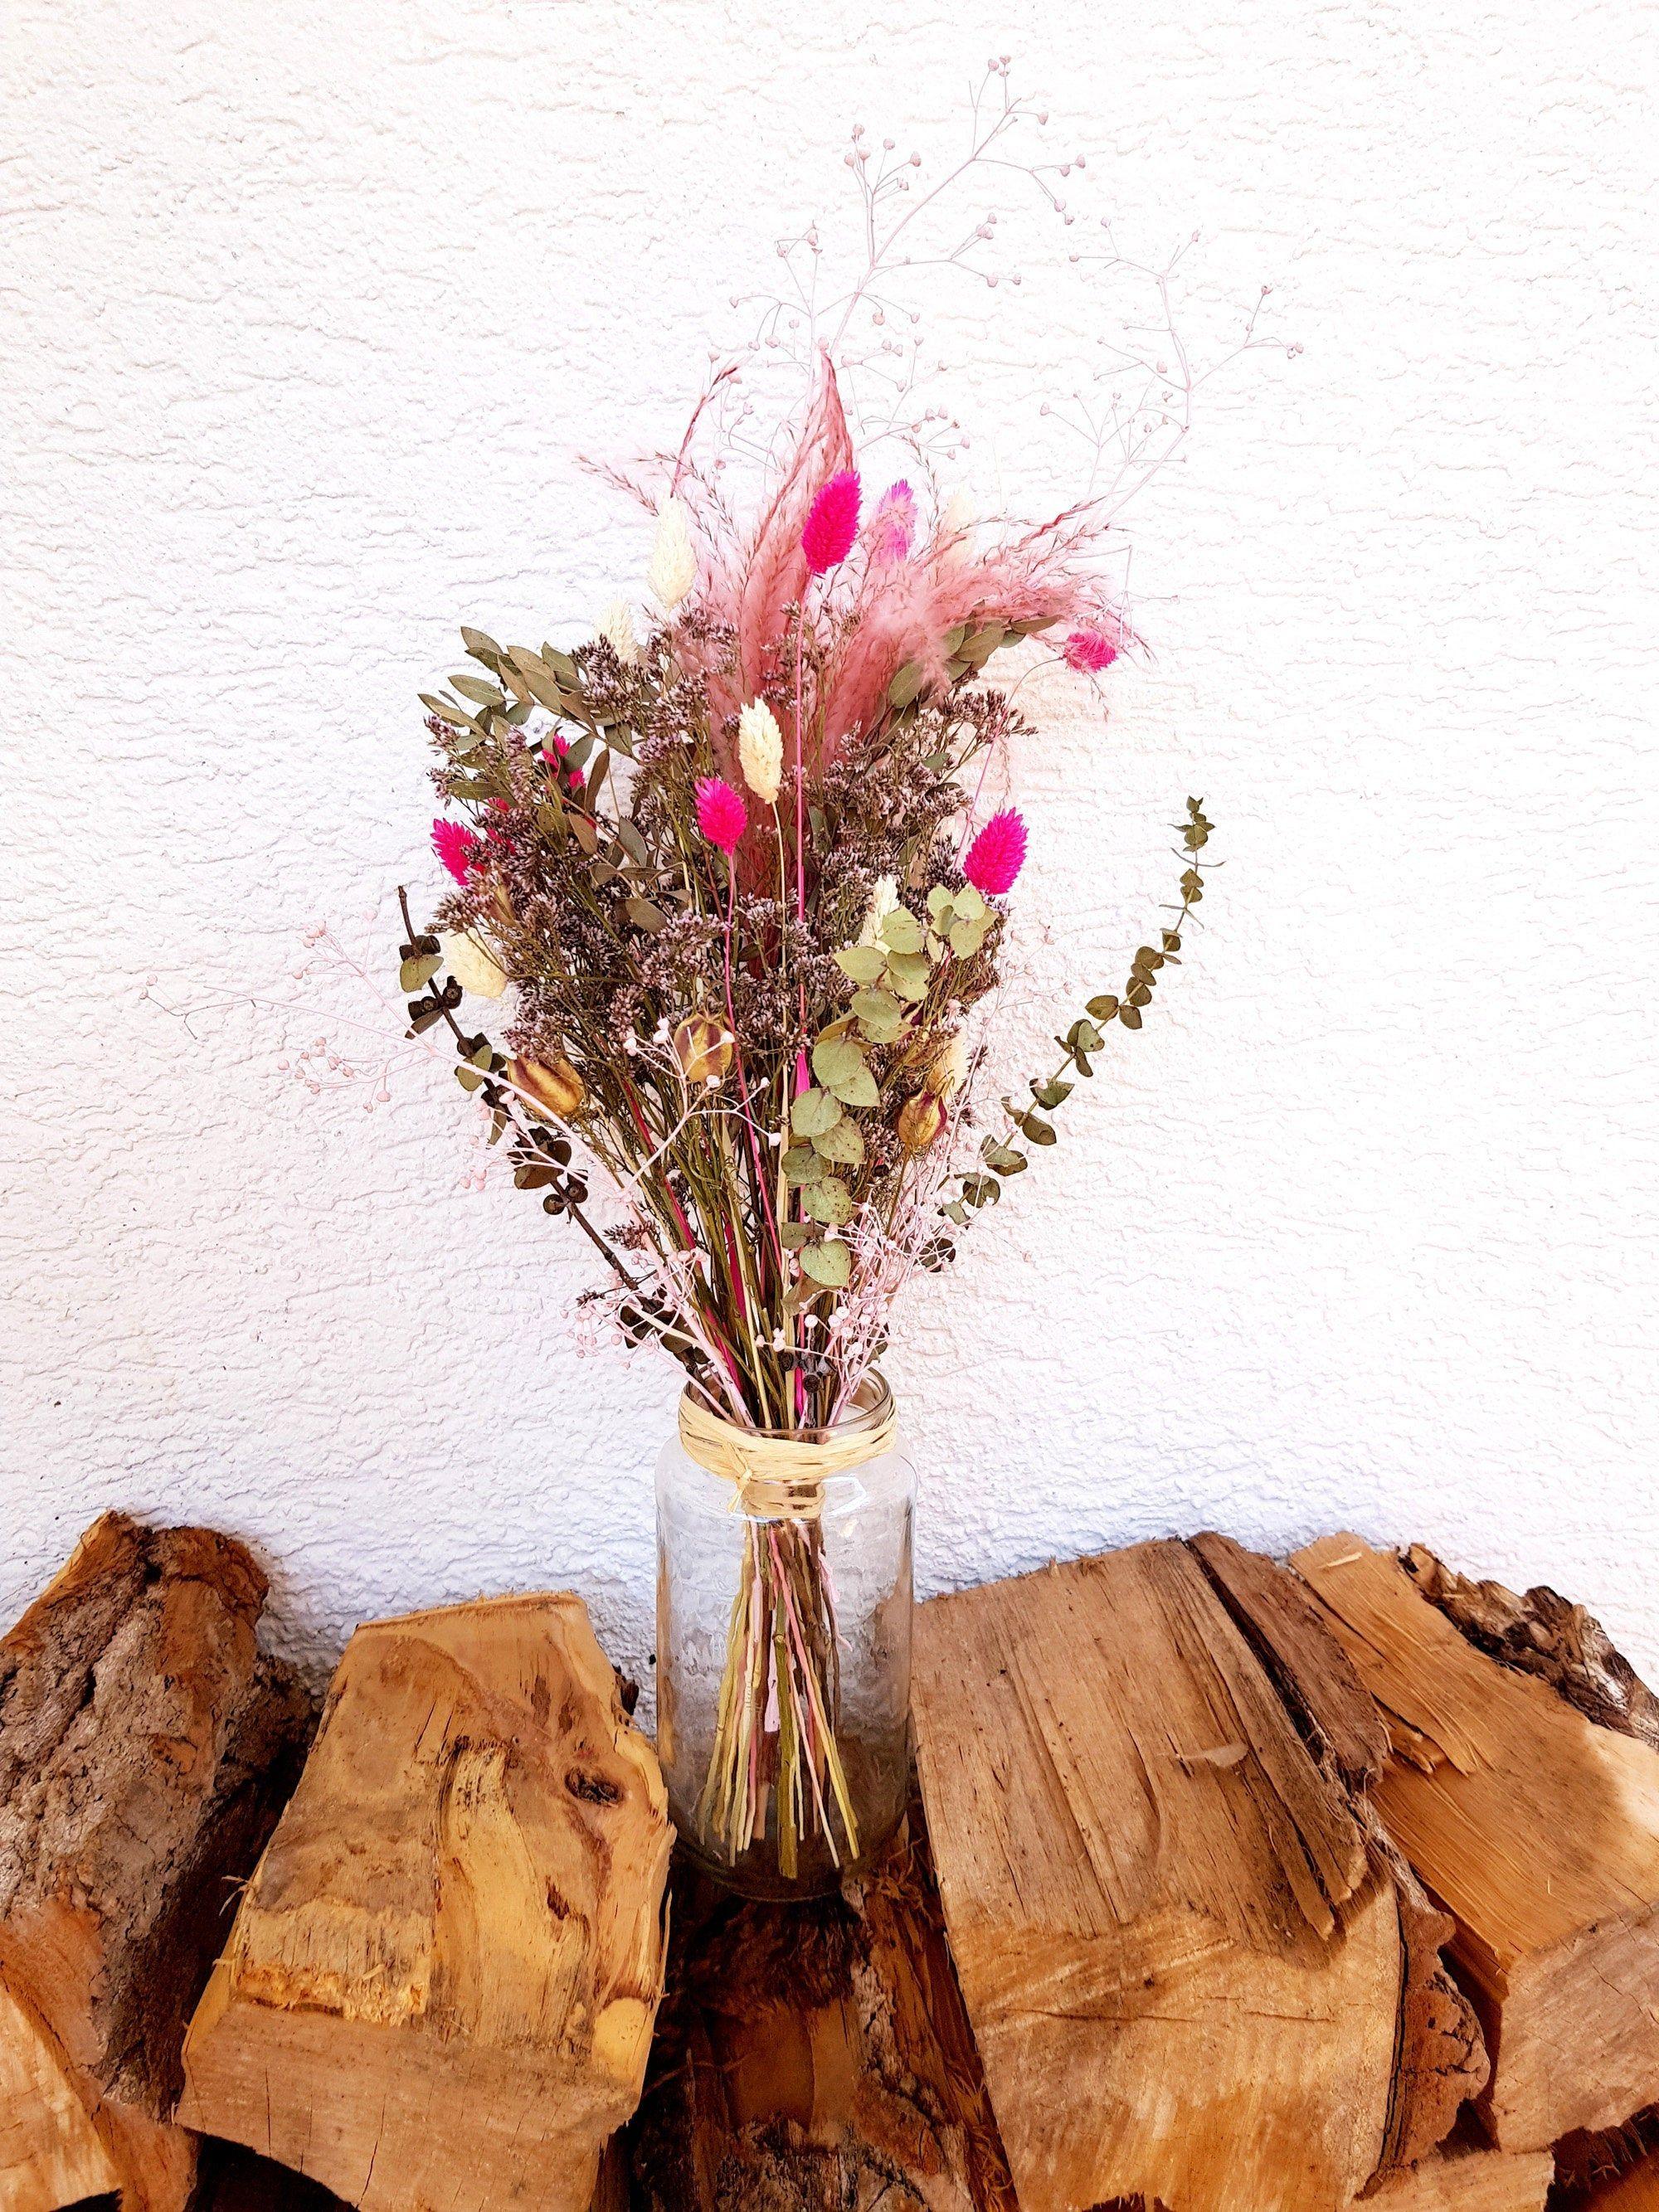 Trockenblumenstrauß Brush Blumenwiese Trockenblumen Etsy Blumen Muttertag Getrocknete Blumen Blumen Wiese